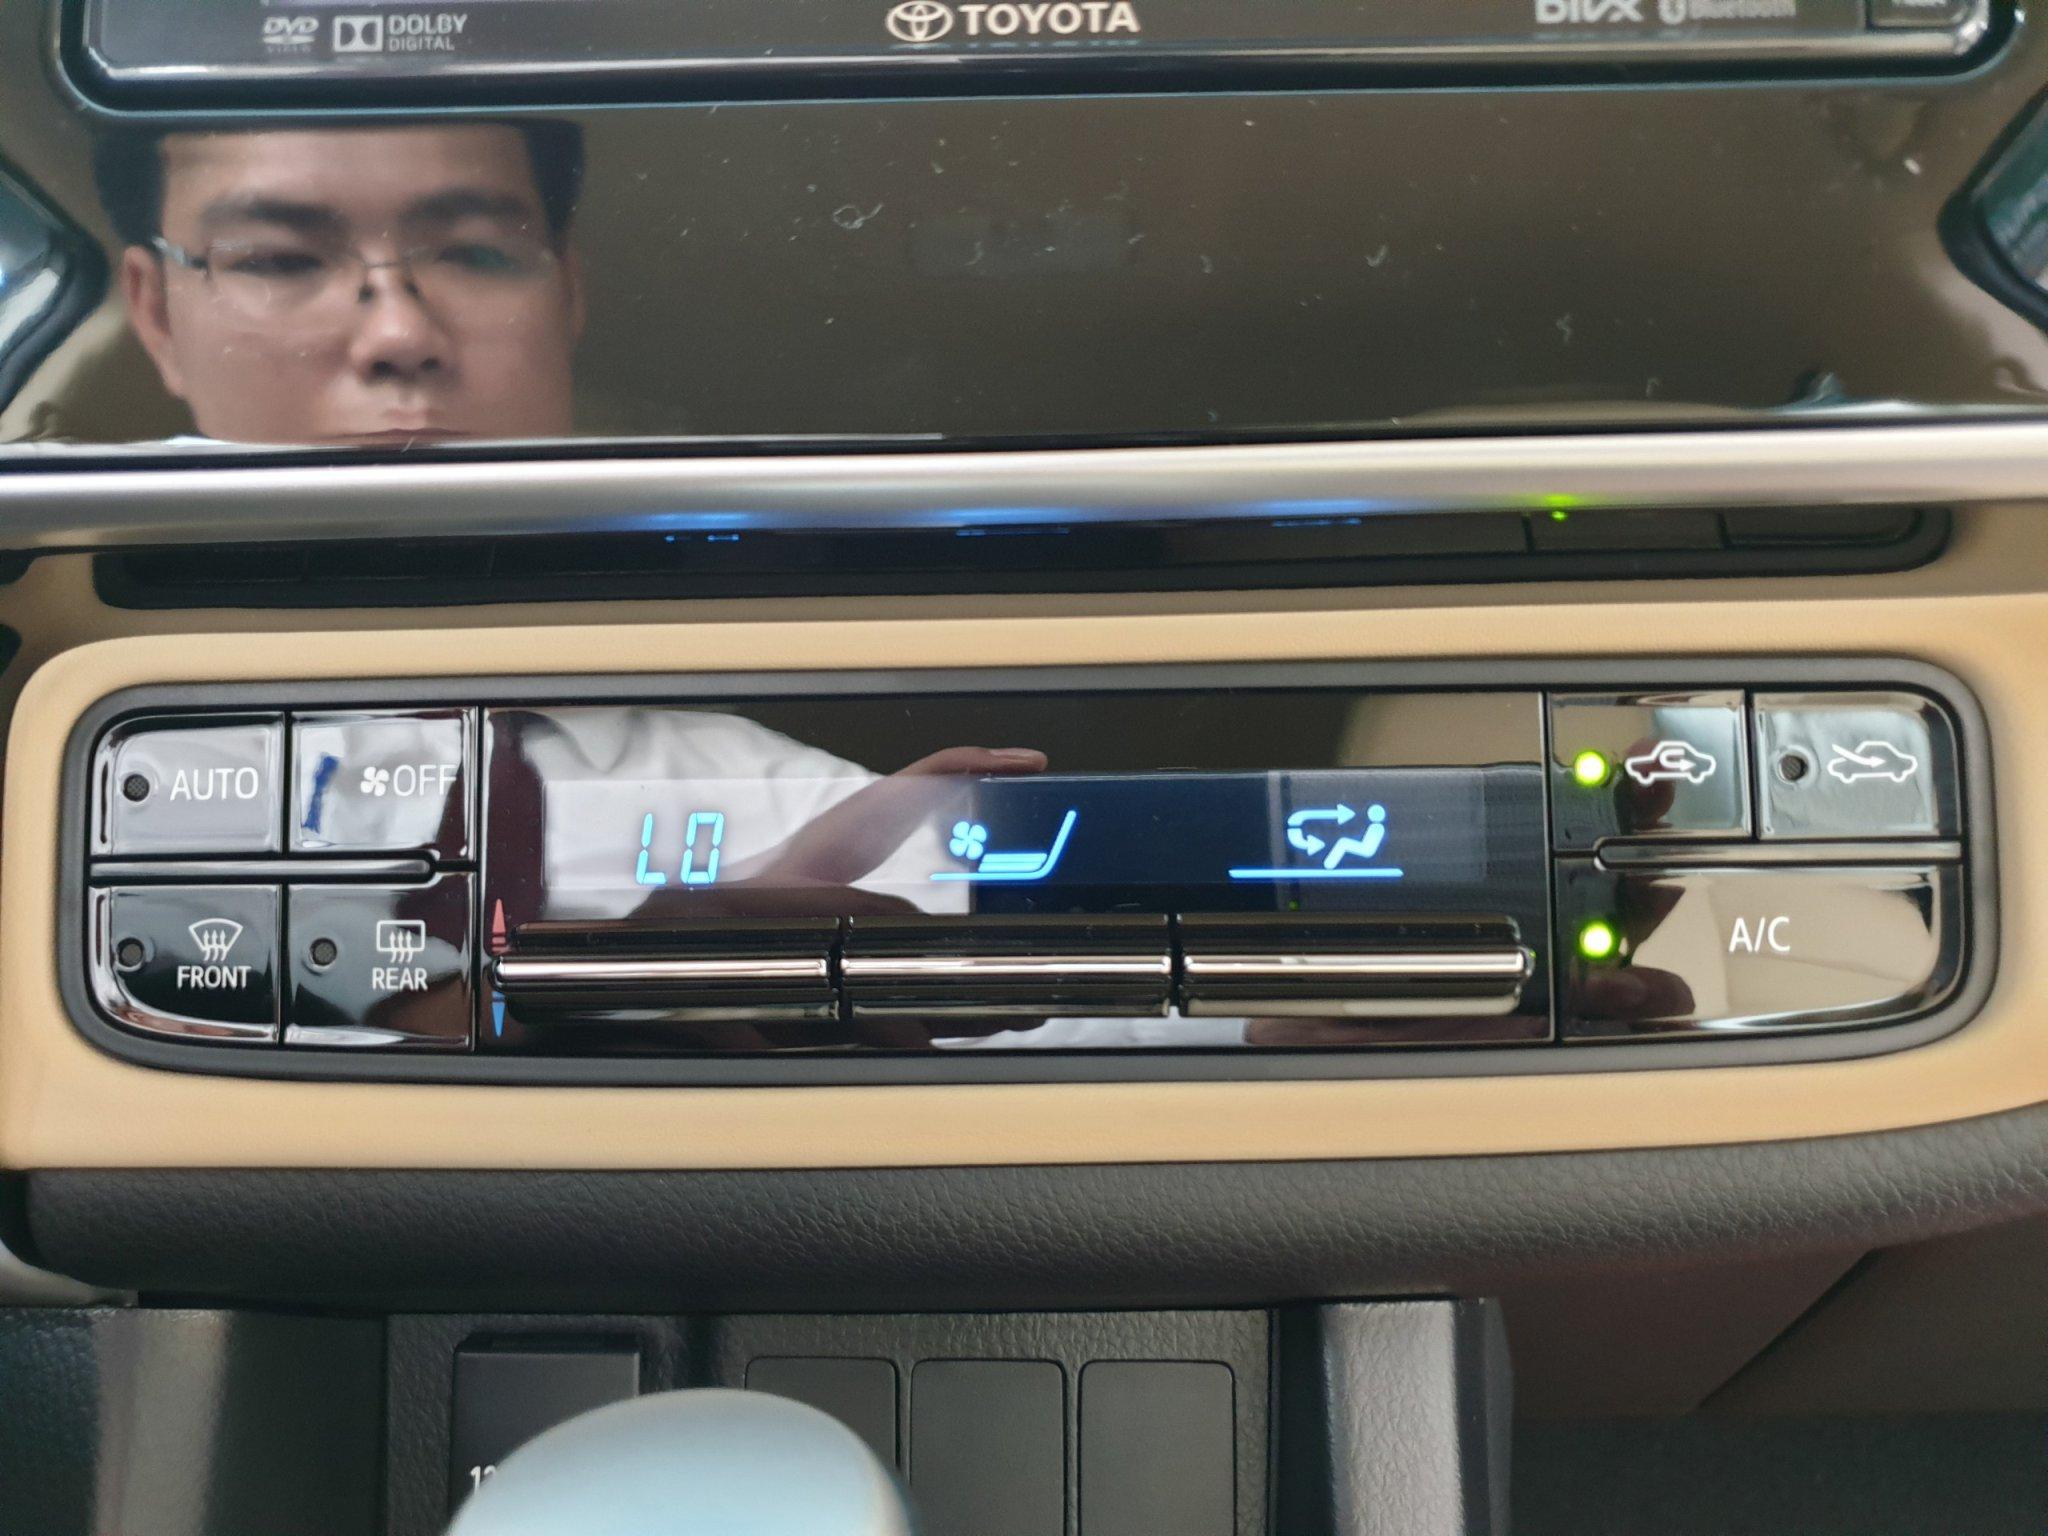 Altis 1.8 G CVT ảnh 18 - Altis 1.8 G CVT [hienthinam]: khuyến mãi và giá xe cập nhật mới